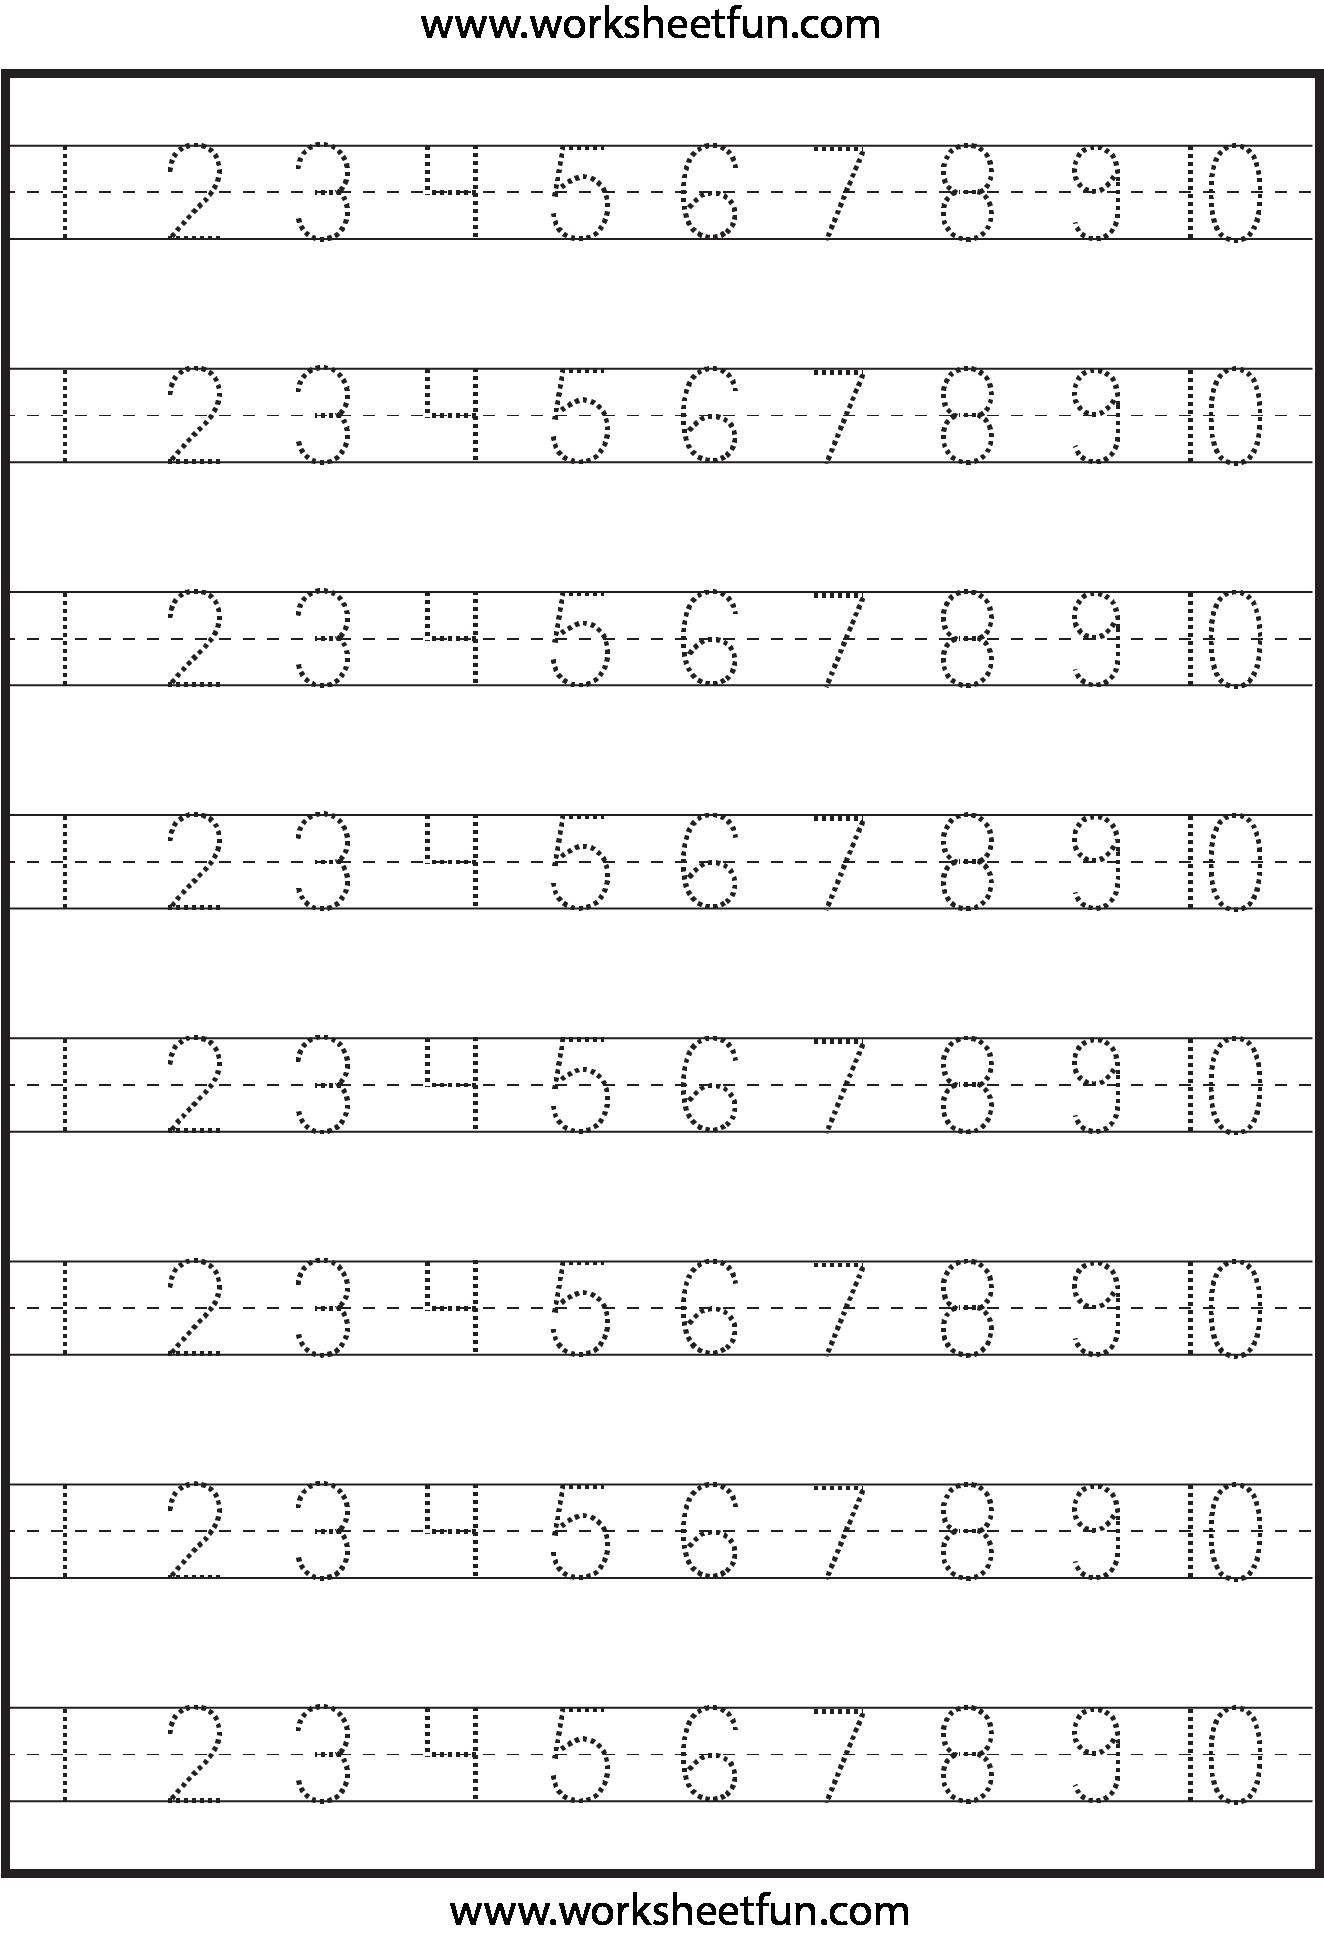 Number Tracing 1-10 - Worksheet   Summer   Kindergarten Worksheets